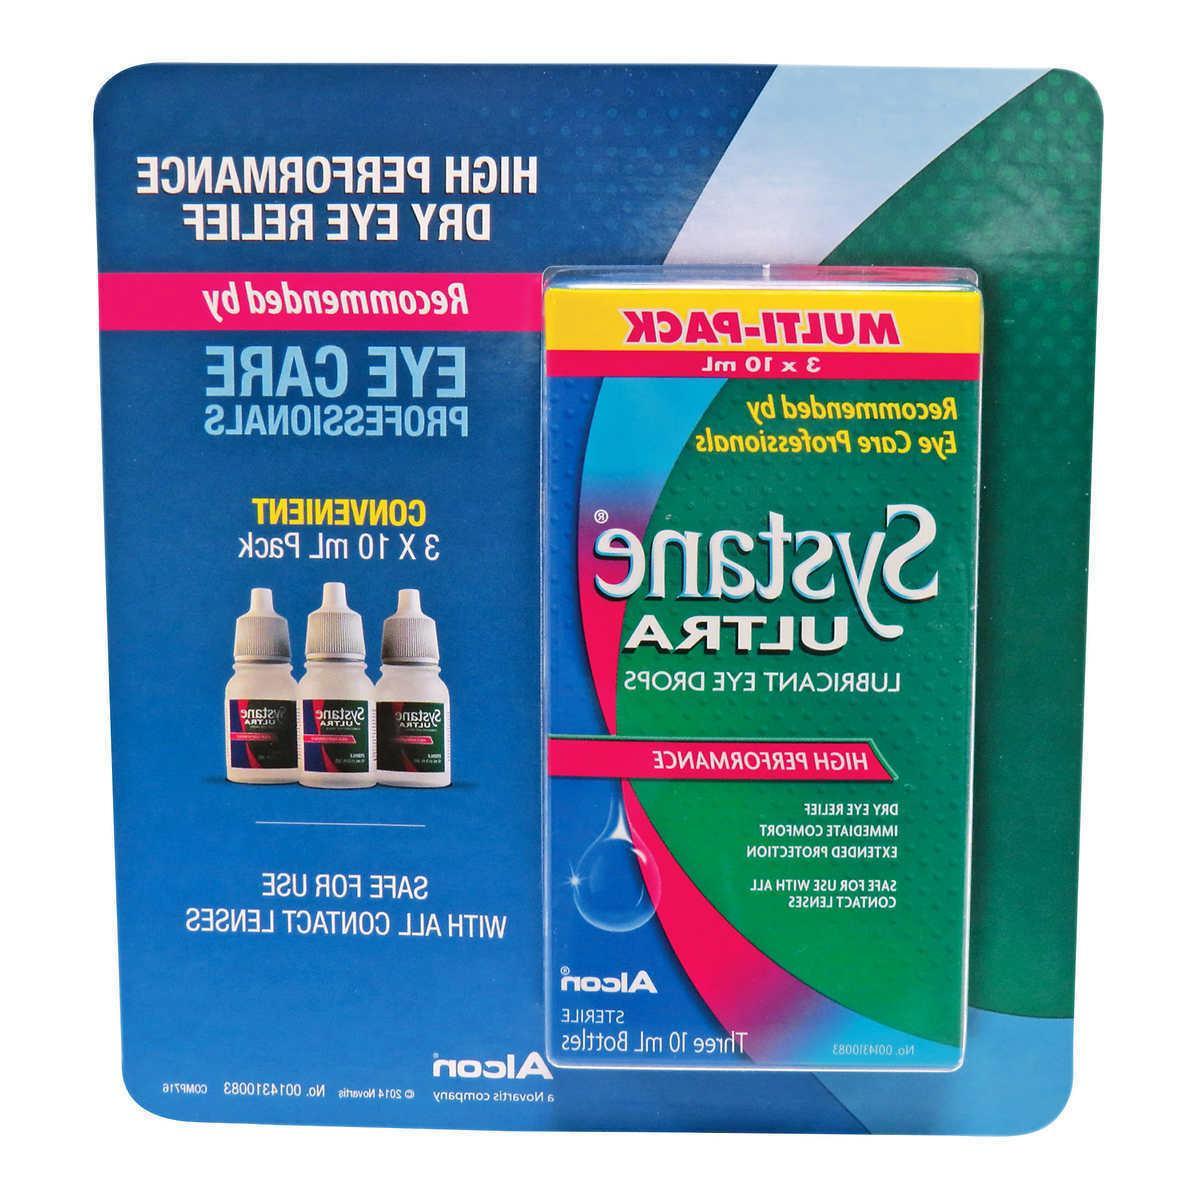 ultra lubricant eye drops 3 packs 10